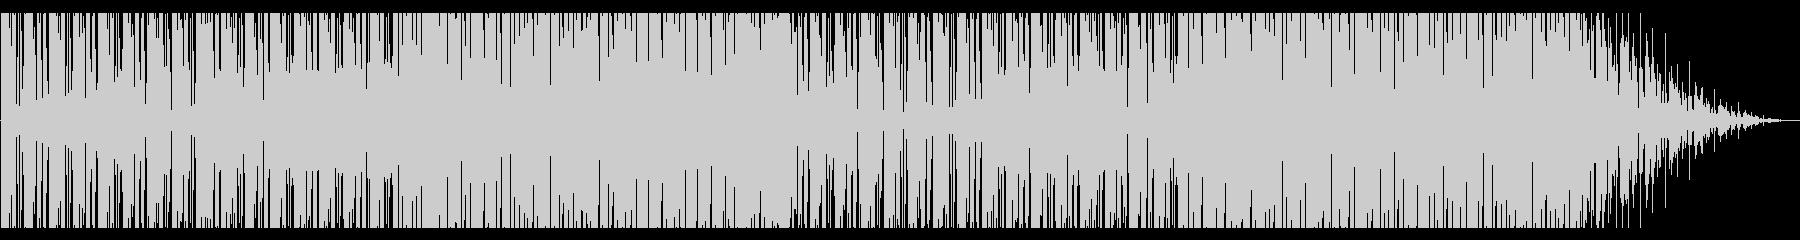 明るいピアノラウンジ_No406の未再生の波形